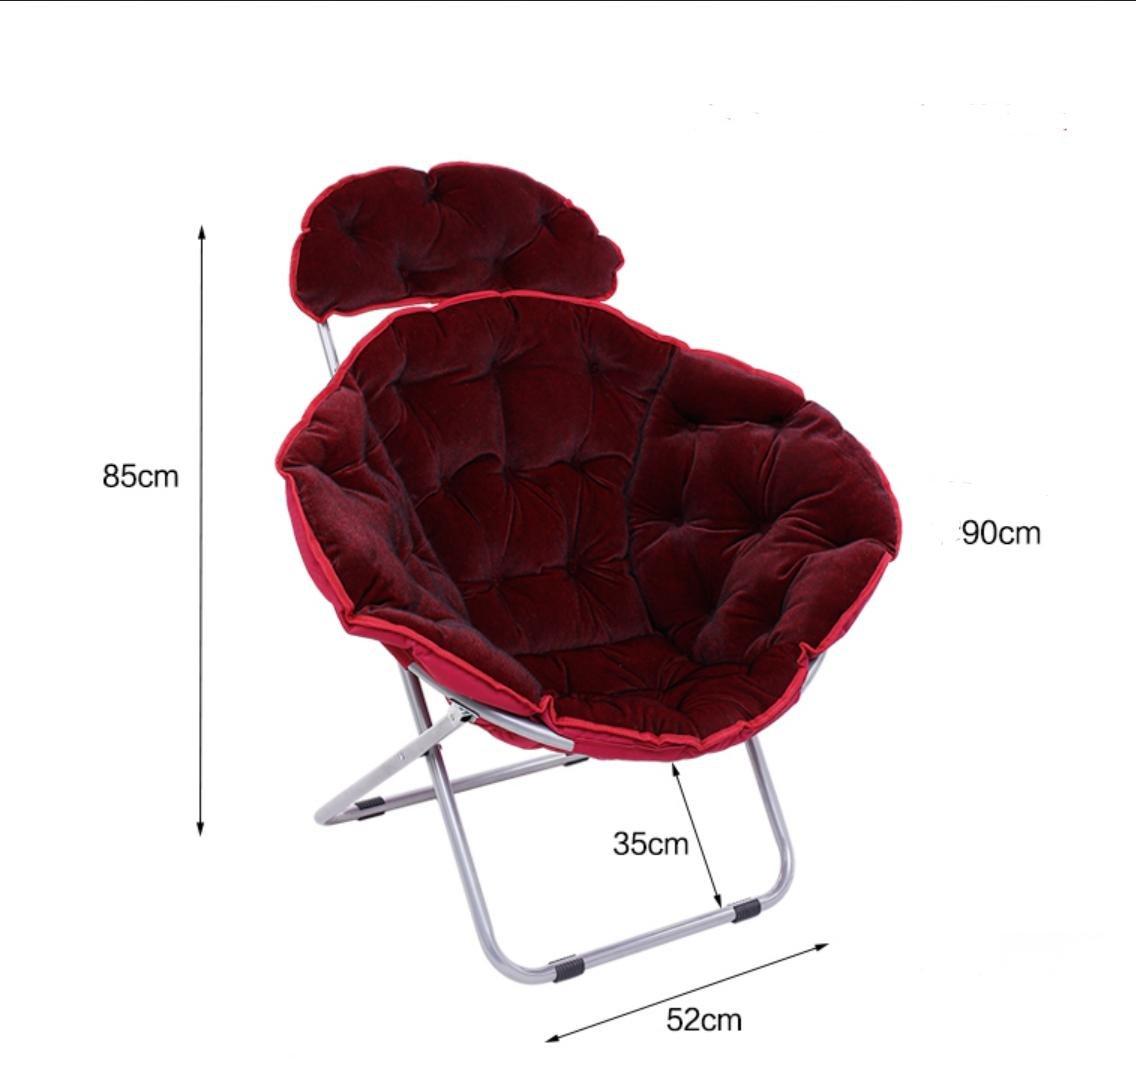 SMACO-moon Chair Die Klappstühle Stuhl Bürostuhl Freizeit-Stuhl Klappstühle Klappstuhl, 3